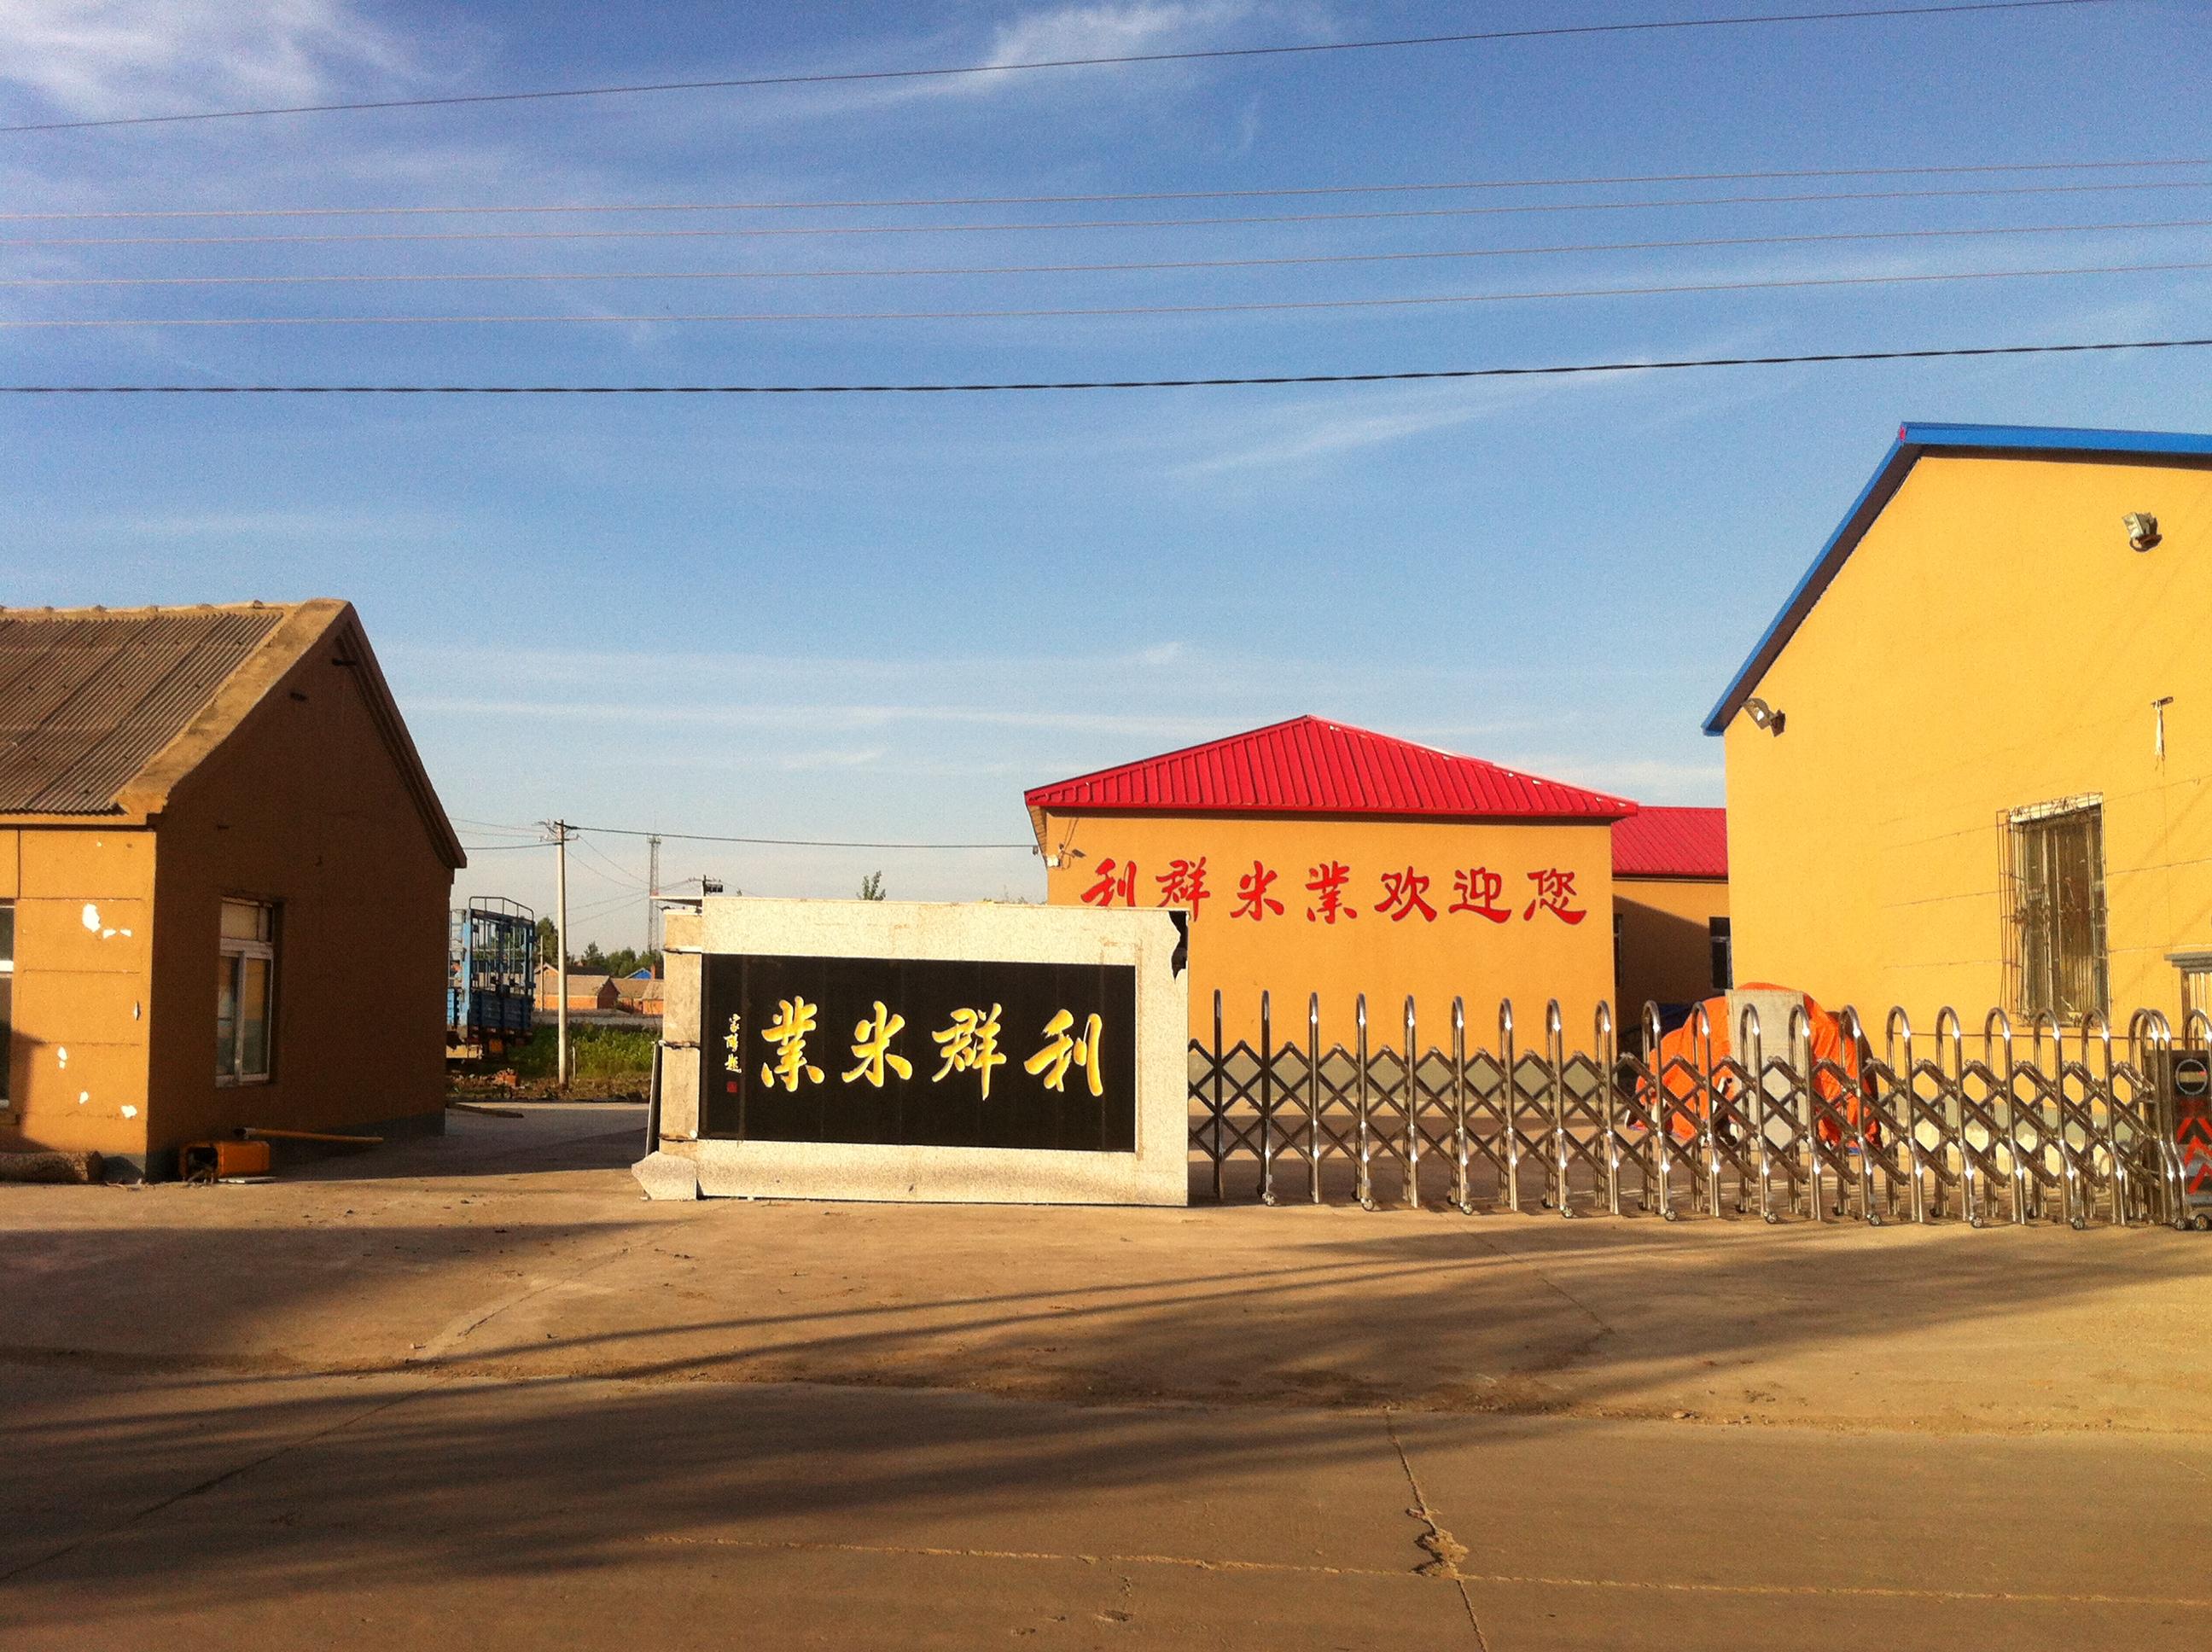 吉林市利群米业有限公司2016最新招聘信息_电话_地址